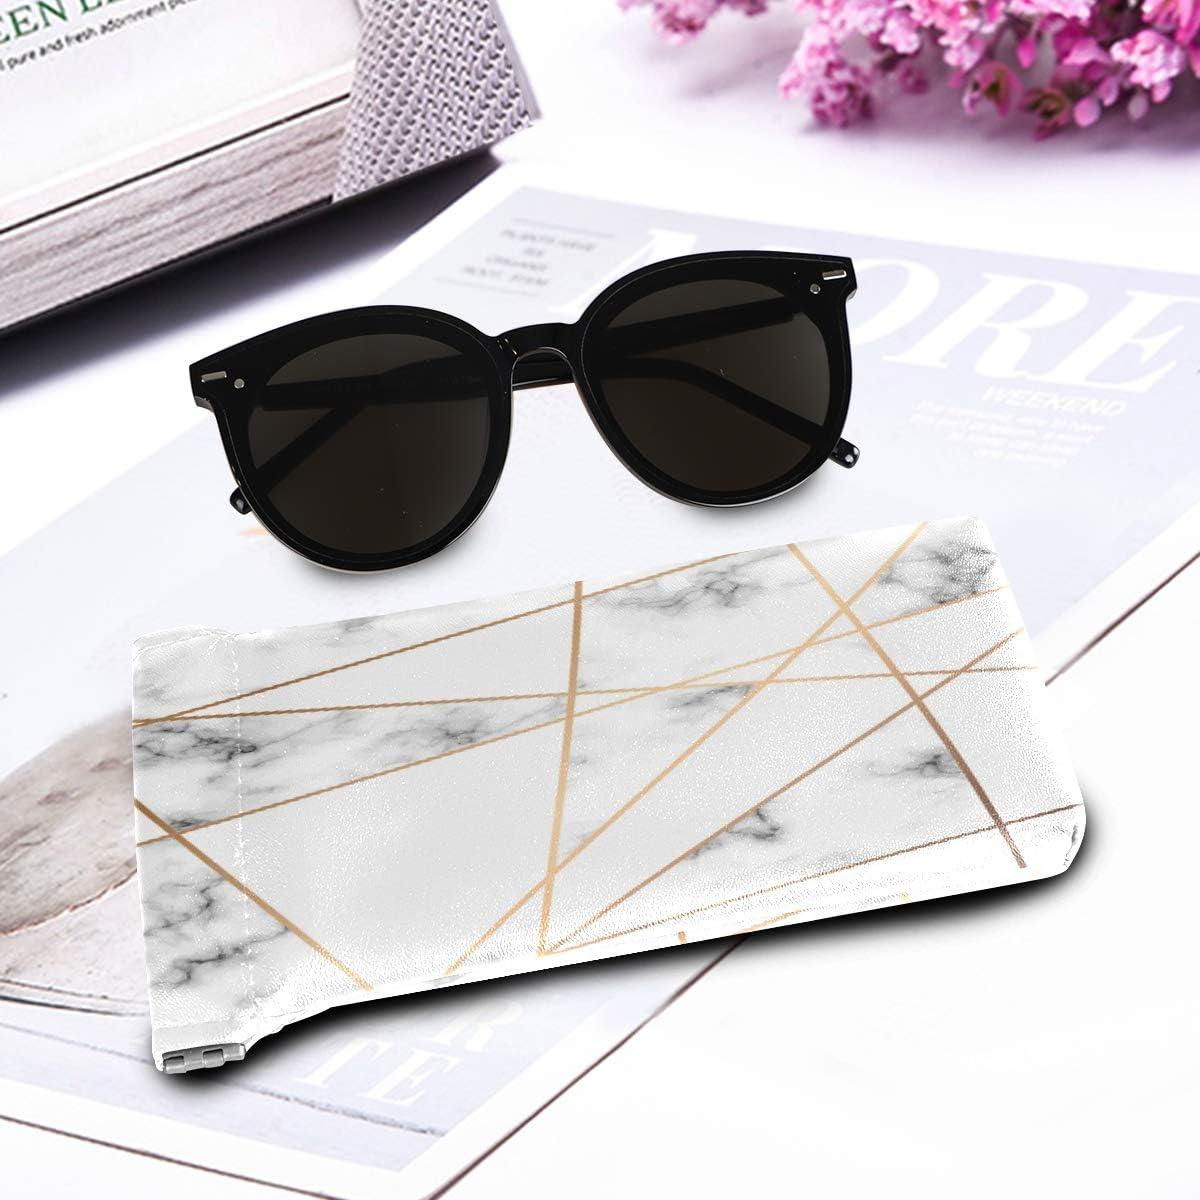 tragbare Brillenetui Quetsch-Tasche f/ür Damen und Herren QMIN Brillenetui f/ür Sonnenbrillen weiches PU-Leder geometrische Gold-Linien Marmor-Druck